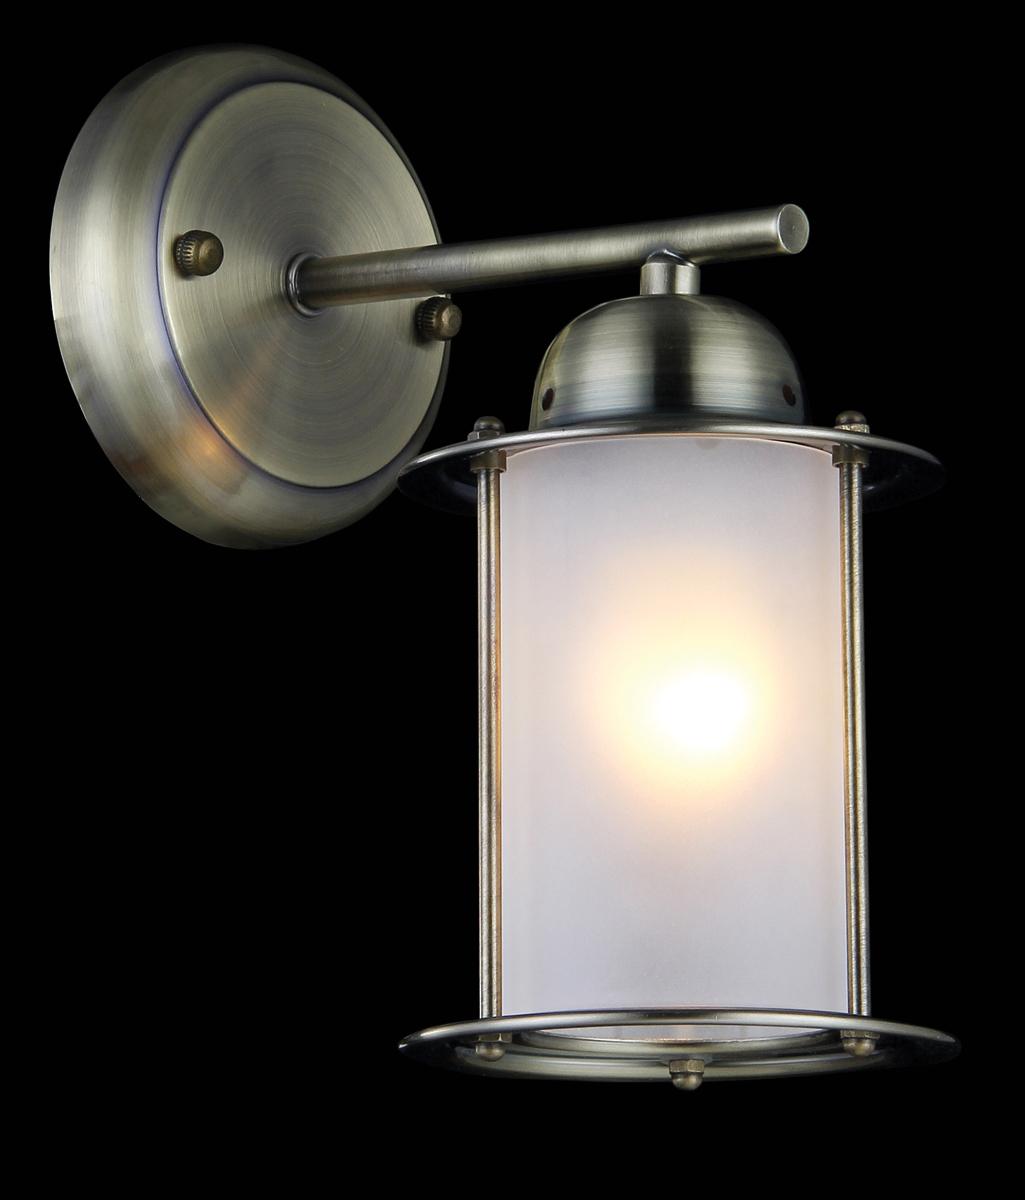 Бра Natali Kovaltseva, 1 х E27, 60 W. SEA 11358/1WSEA 11358/1W ANTIQUEБра Natali Kovaltseva, выполненное в классическом стиле, станет украшением вашей комнаты и изысканно дополнит интерьер. Изделие крепится к стене. Такое бра отлично подойдет для освещения кабинета, спальни или гостиной. Бра выполнено из металла, плафон изготовлен из матового стекла. В коллекциях Natali Kovaltseva представлены разные стили - от классики до хайтека. Дизайн и технологическая составляющая продукции разрабатывается в R&D центре компании, который находится в г. Дюссельдорф, Германия. При производстве продукции используются высококачественные и эксклюзивные материалы: хрусталь ASFOR, муранское стекло, перламутр, 24-каратное золото, бронза. Производство светильников соответствует стандарту системы менеджмента качества ISO 9001-2000. На всю продукцию ТМ Natali Kovaltseva распространяется гарантия.